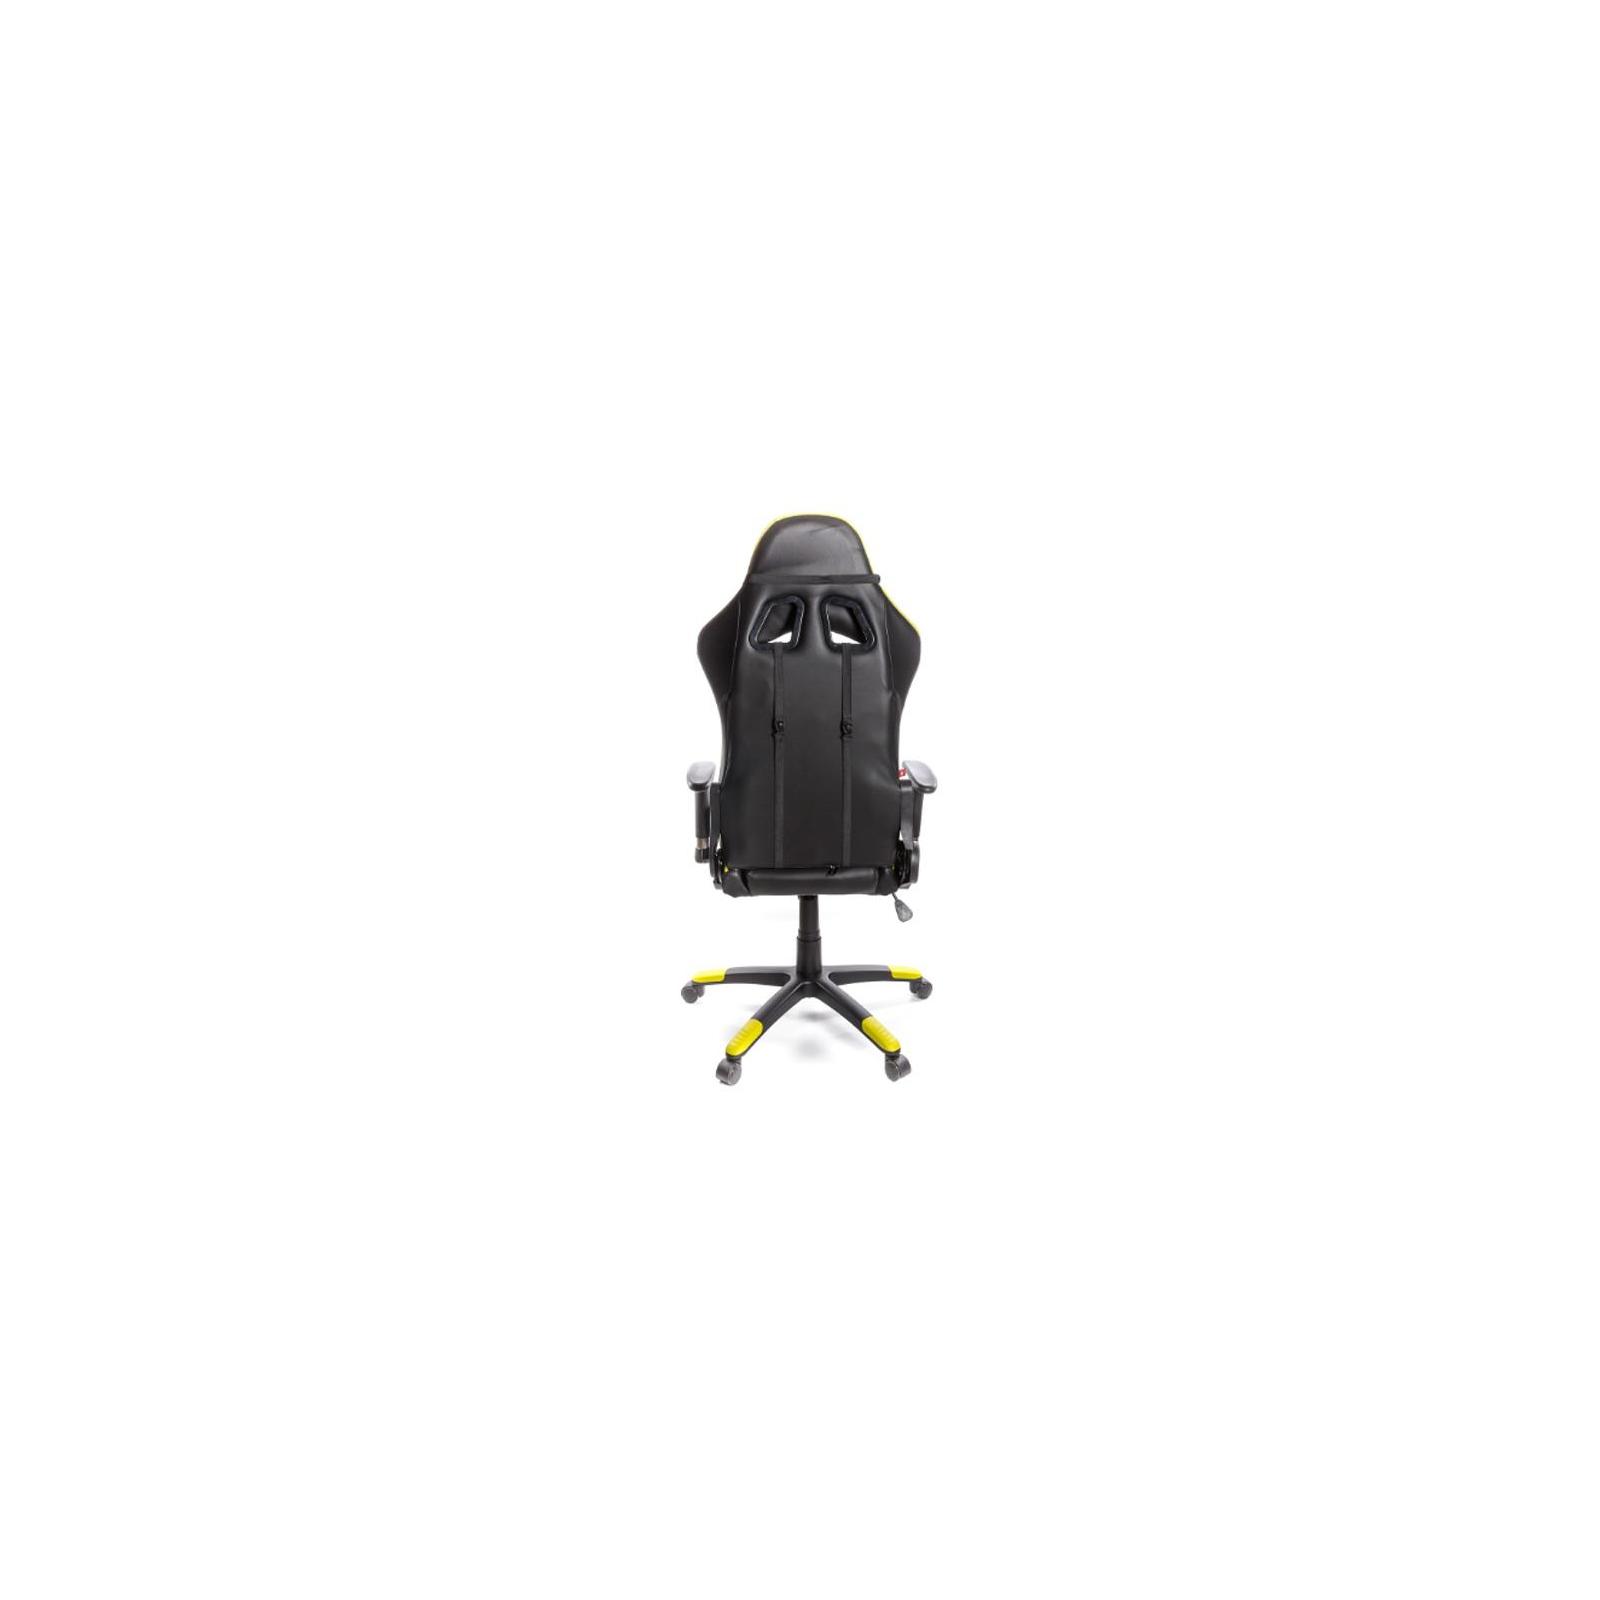 Кресло игровое АКЛАС Хорнет PL RL Желтое (06153) изображение 4